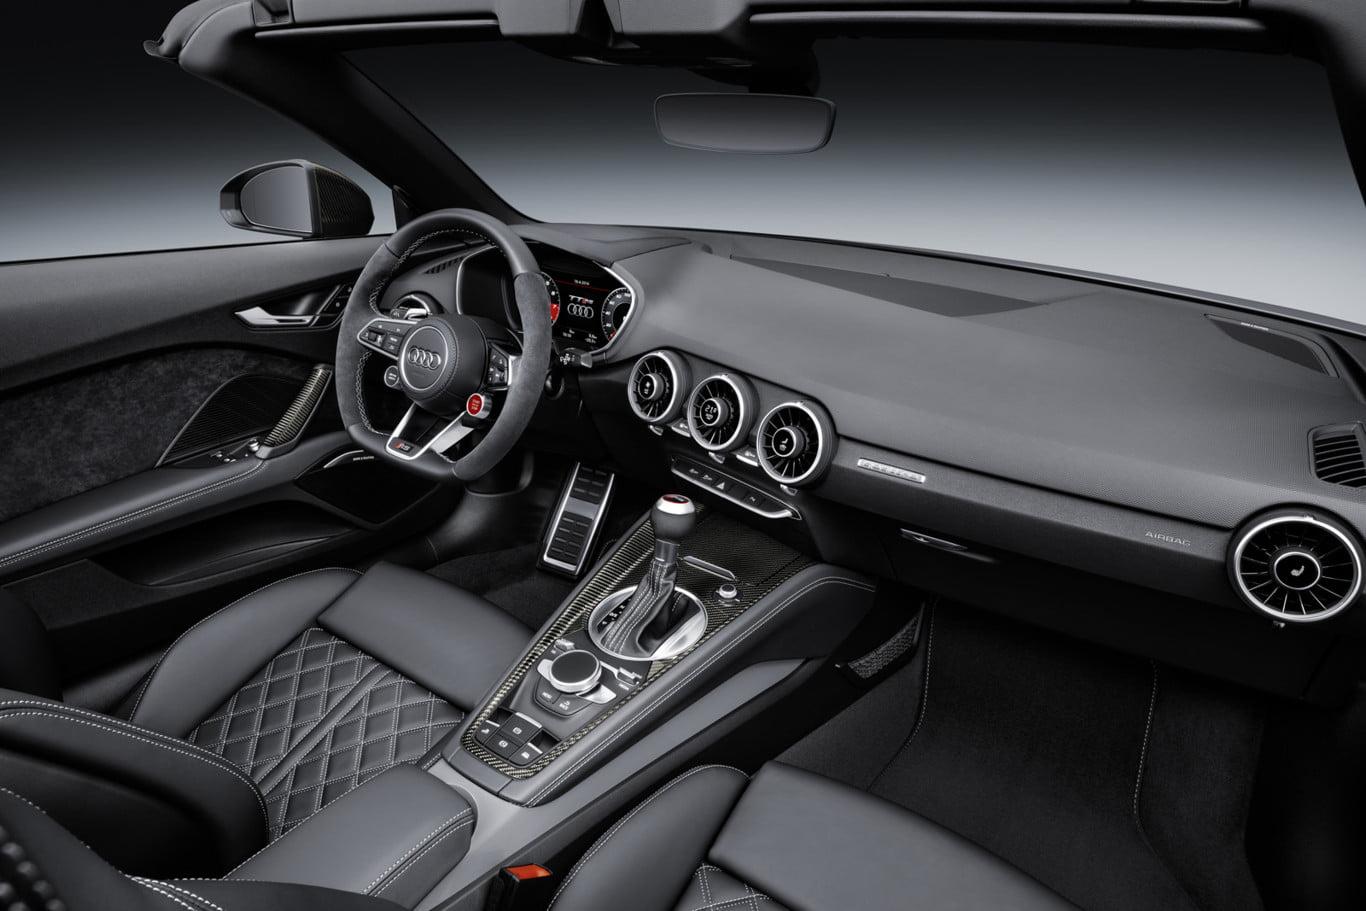 Audi TT RS: Interior